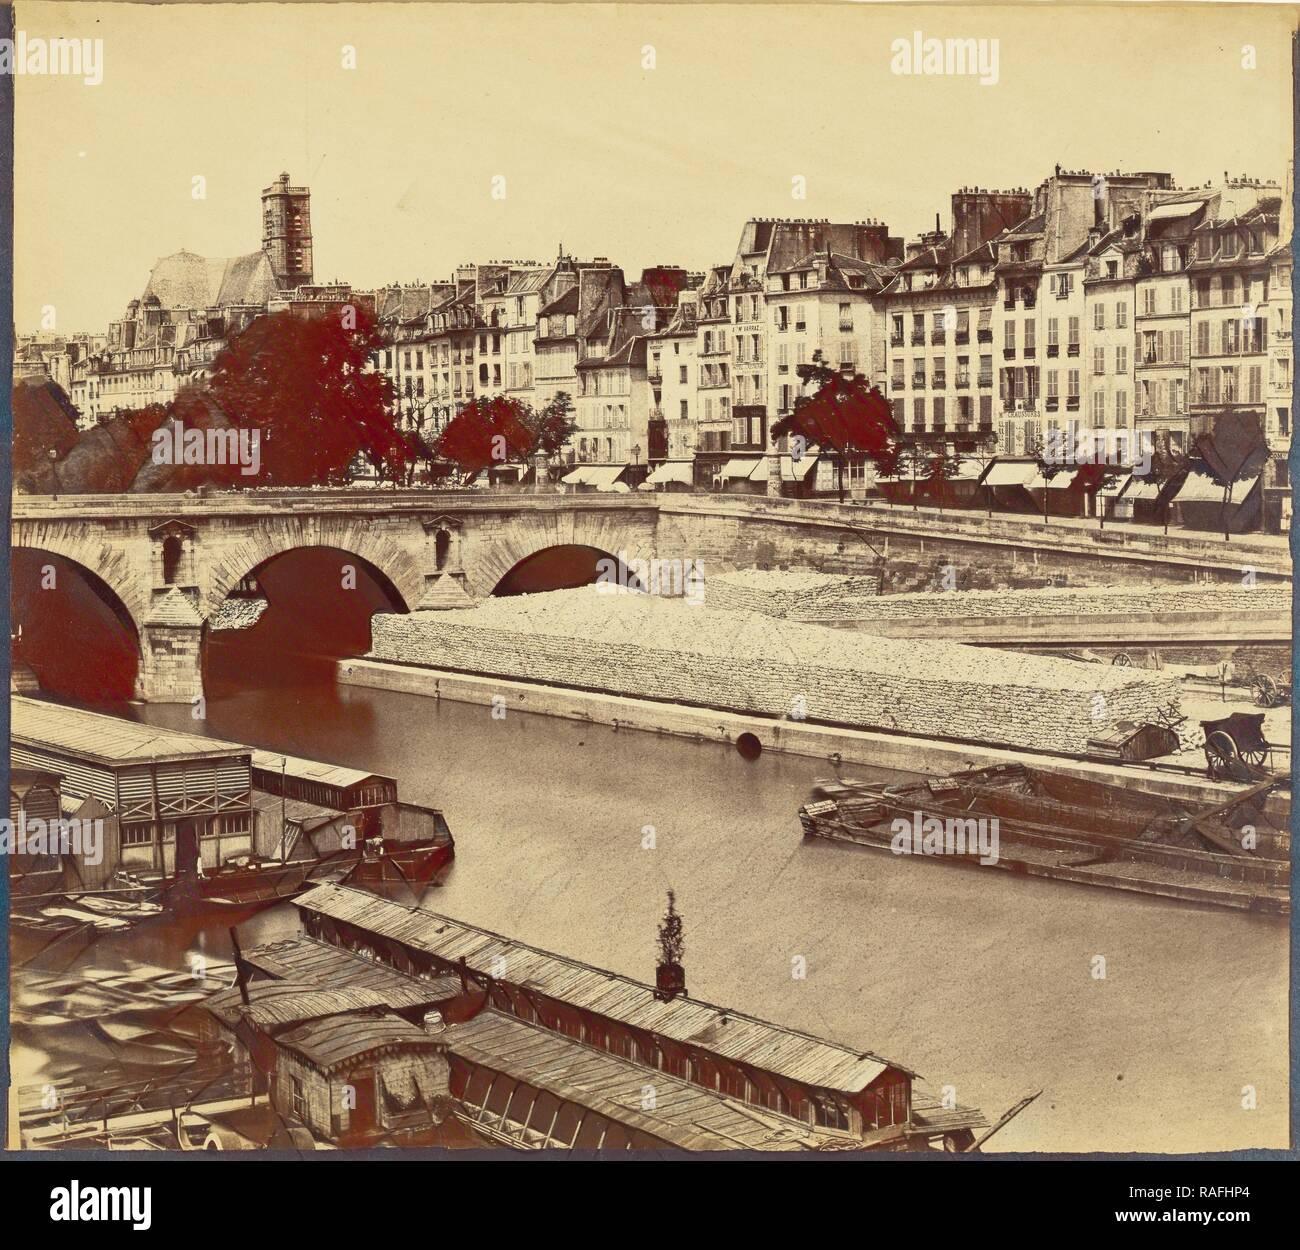 Le Pont Marie, et les quais des Celestins, vus du quai d'Anjou, Charles Nègre (French, 1820 - 1880), about 1859 reimagined - Stock Image